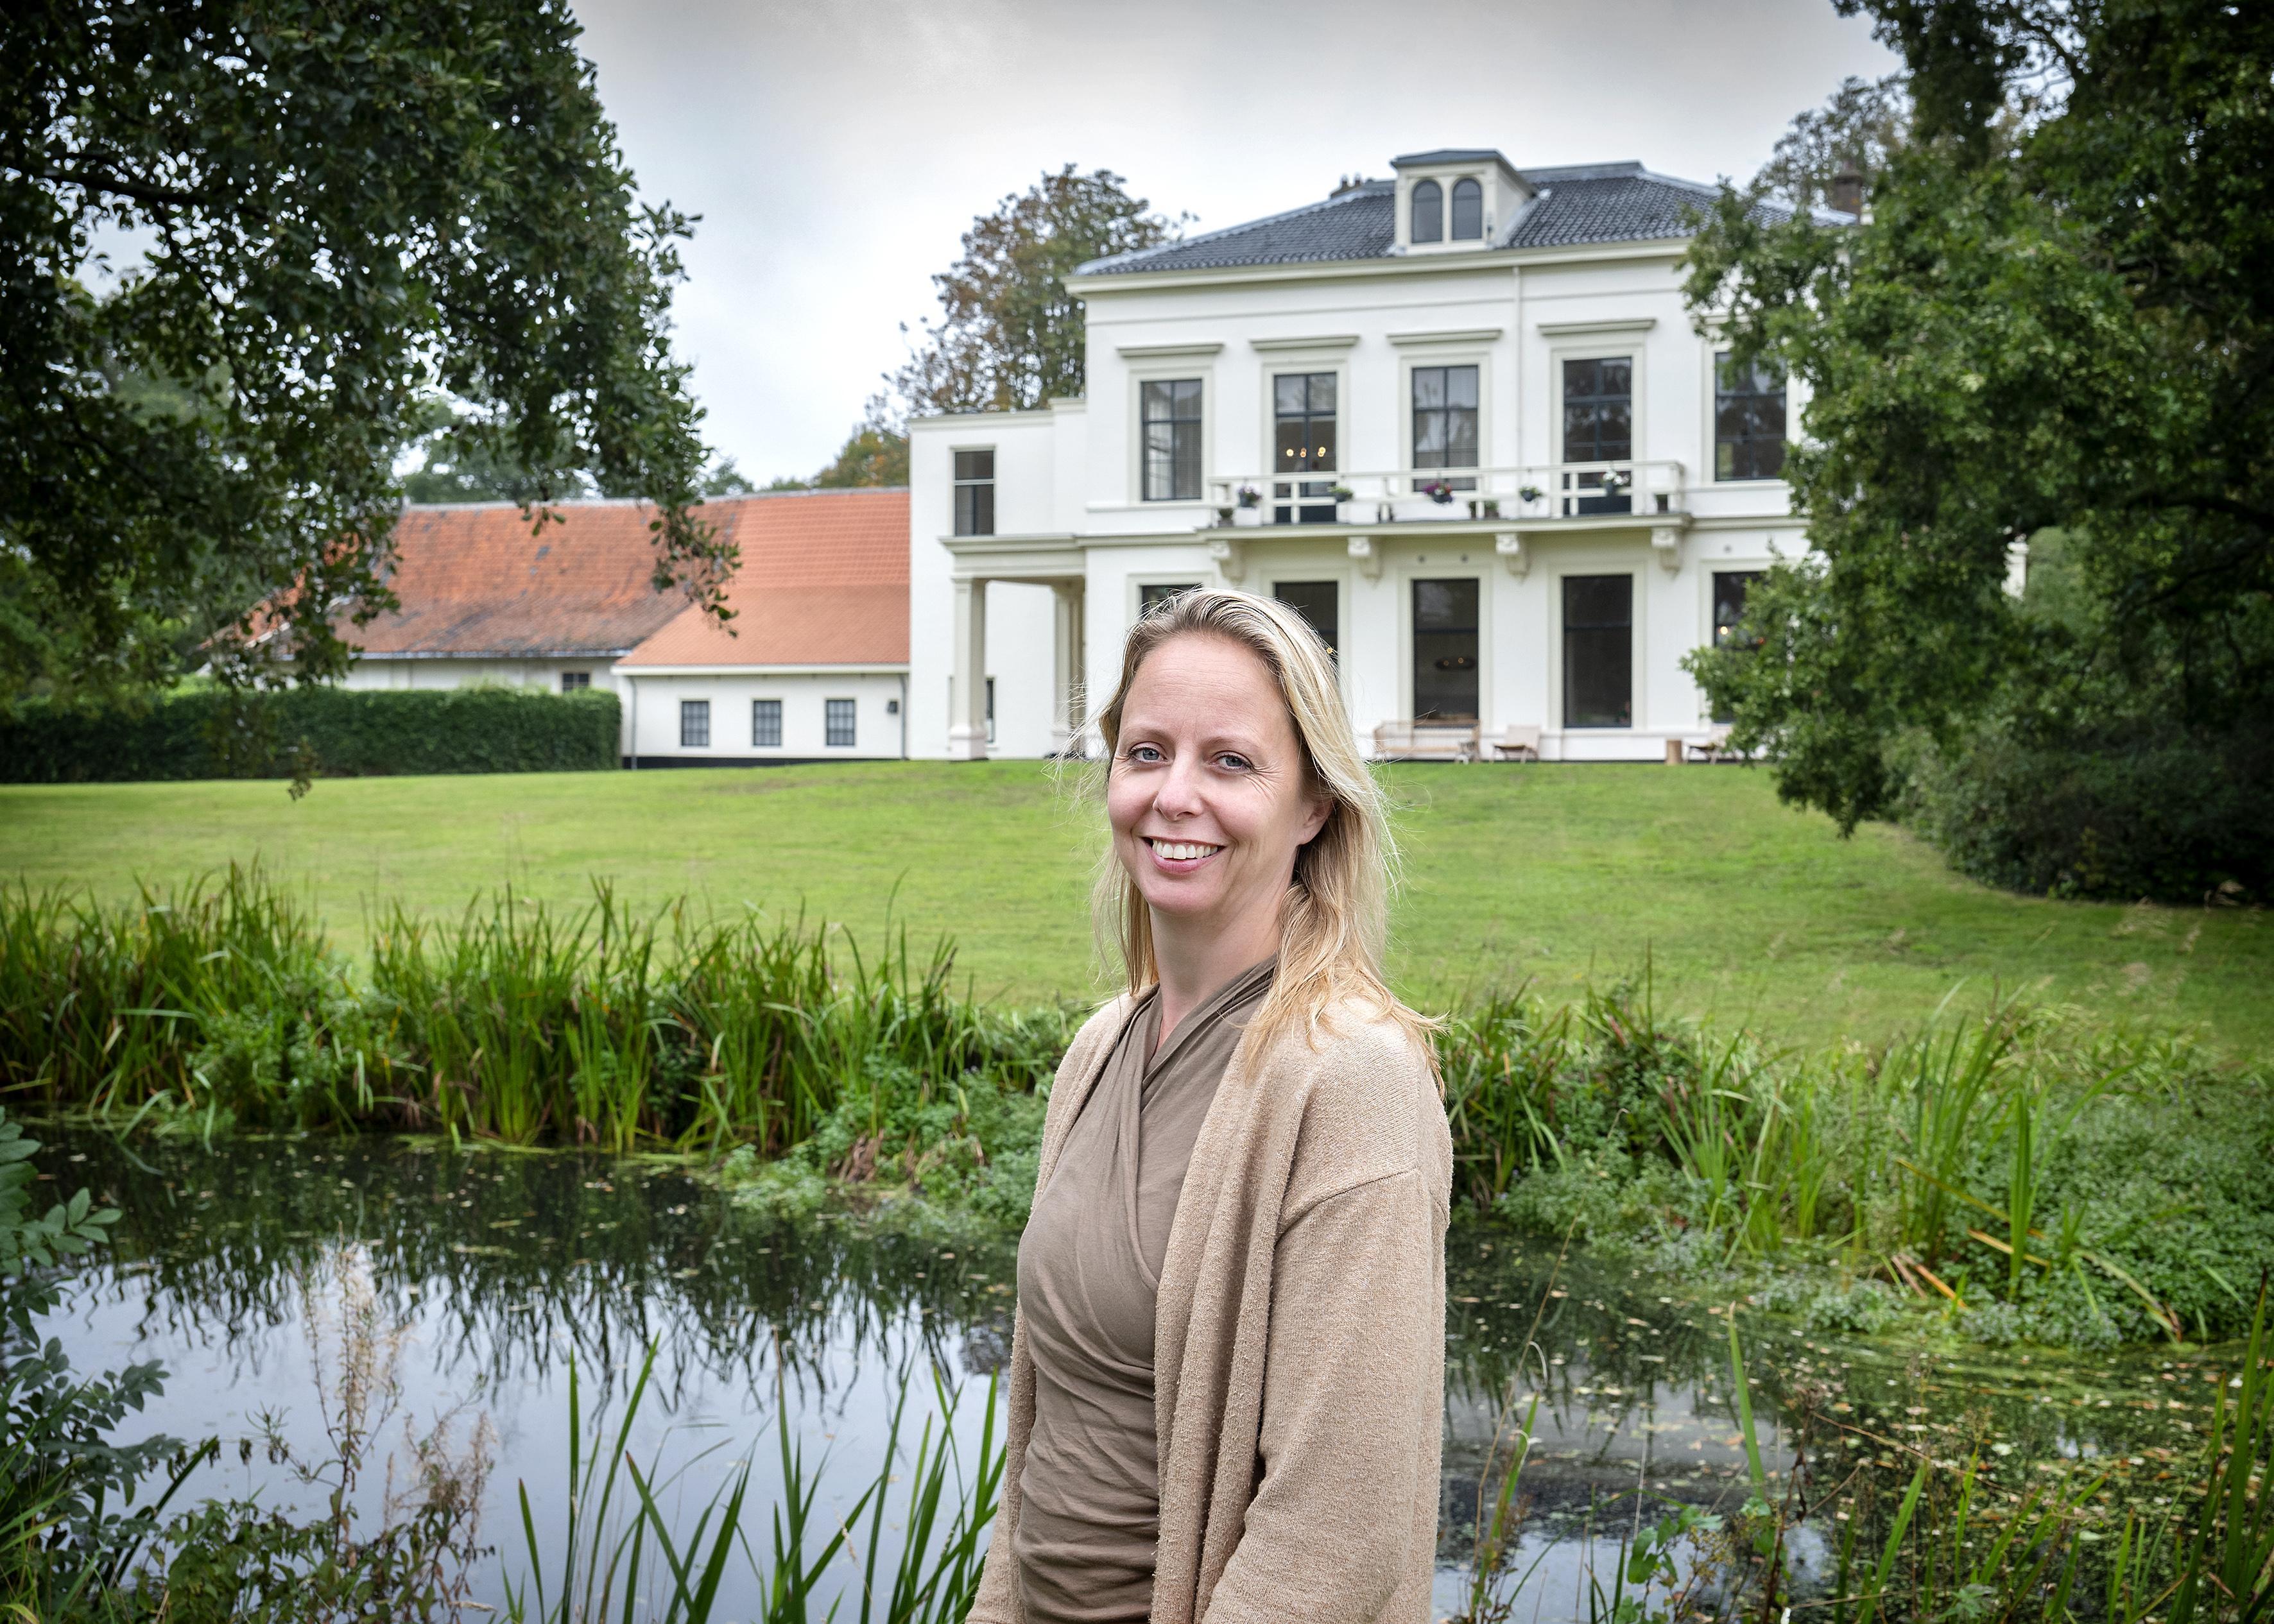 Monumentaal pand op landgoed Vogelenzang opent deuren voor rustzoekers. 'Thuiskomen doe je bij Oohm'